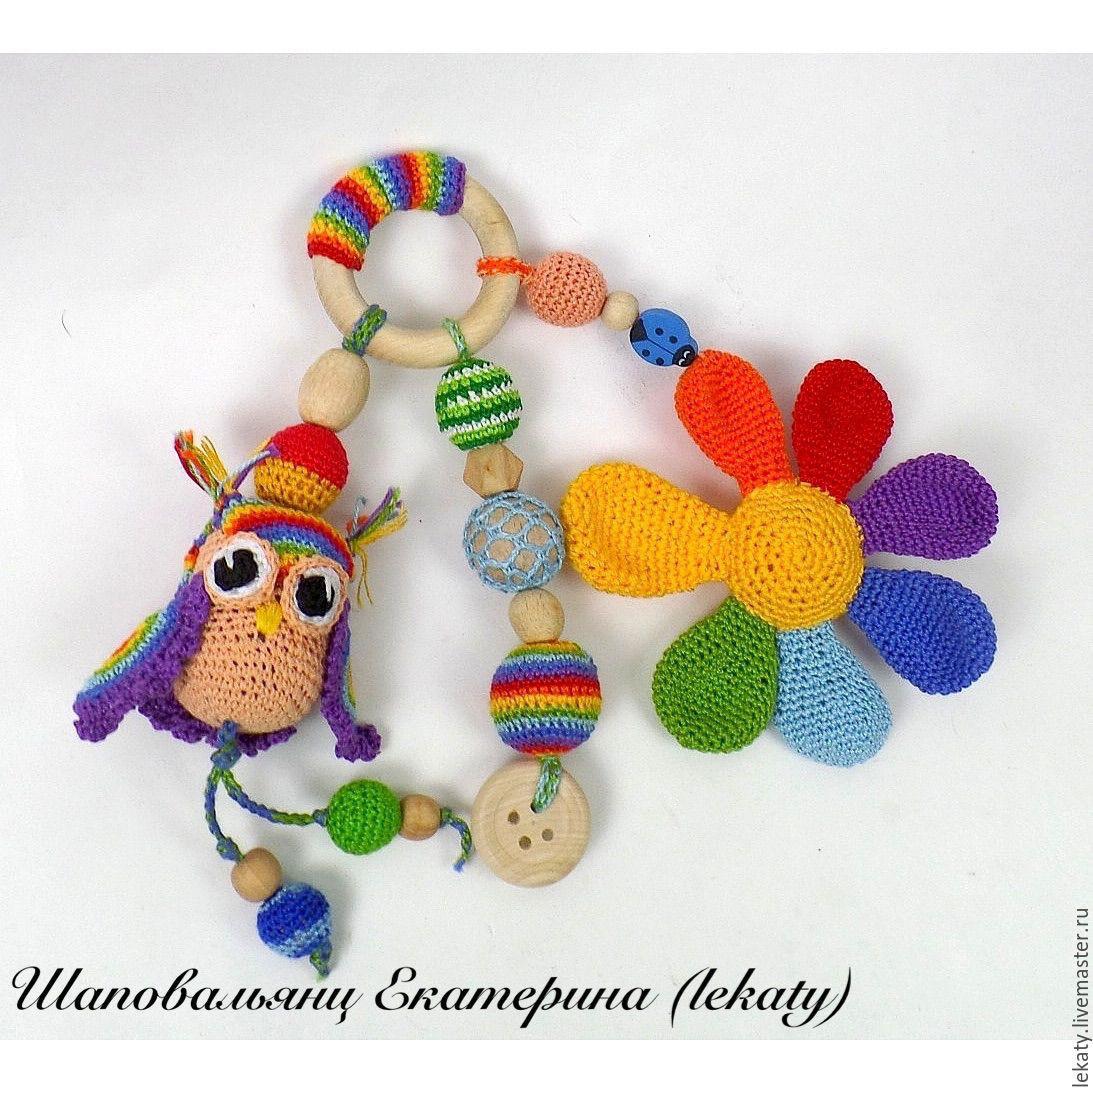 Грызунок с совой и цветком, Развивающие игрушки, Москва, Фото №1